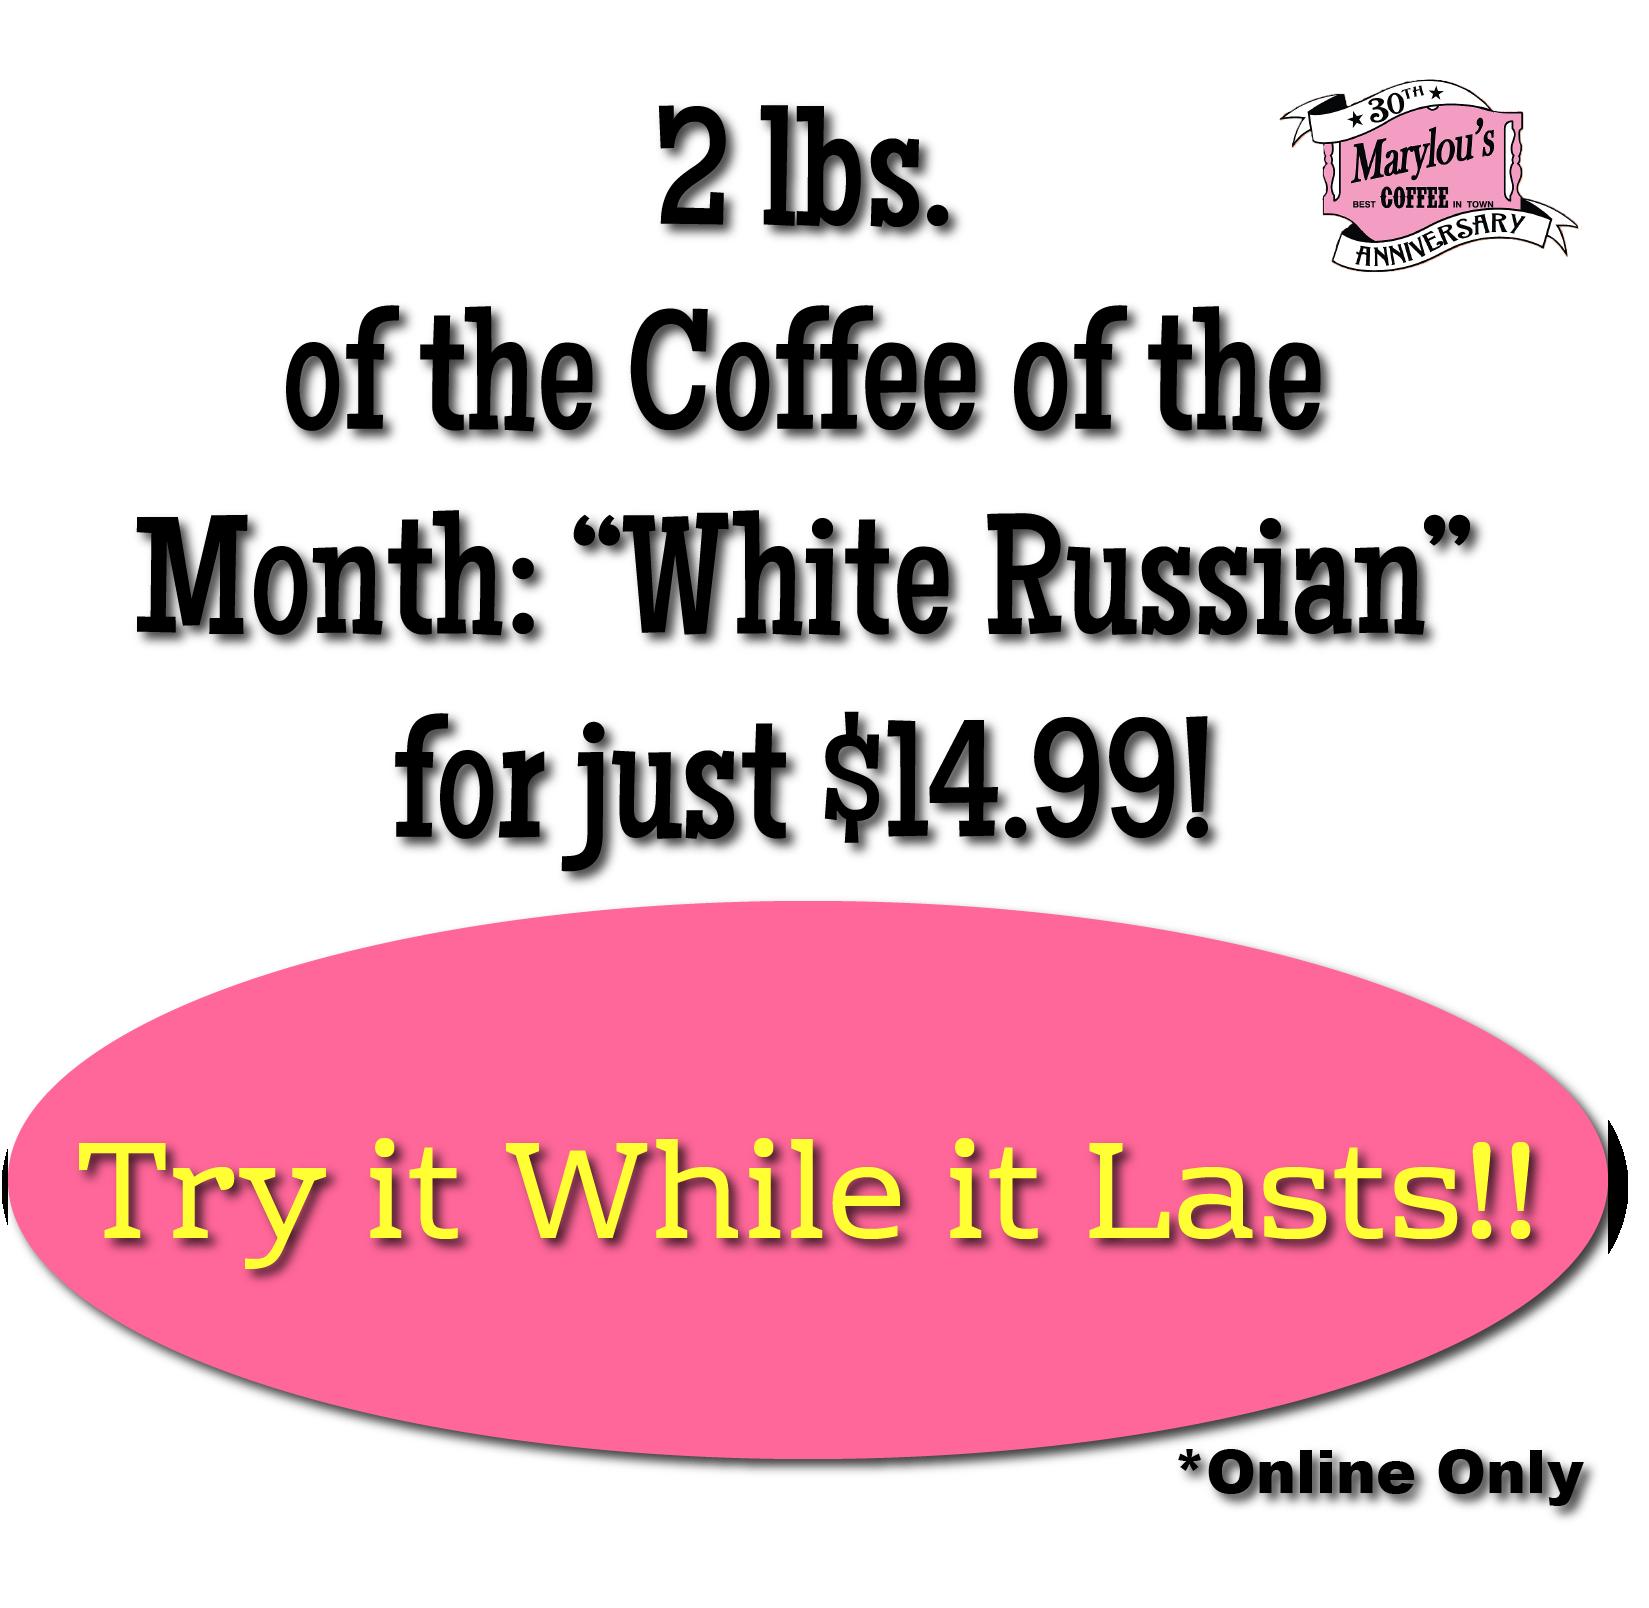 white-russian-promo